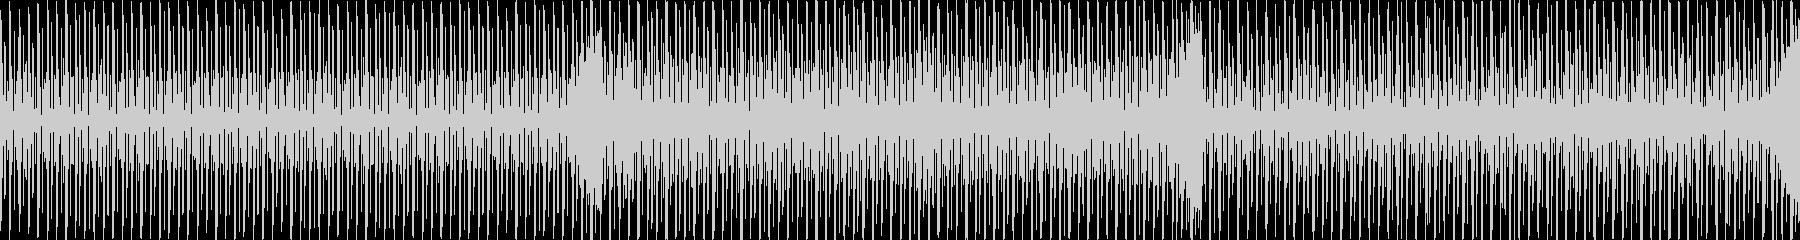 クイズ番組のシンキングタイム/ループ可能の未再生の波形